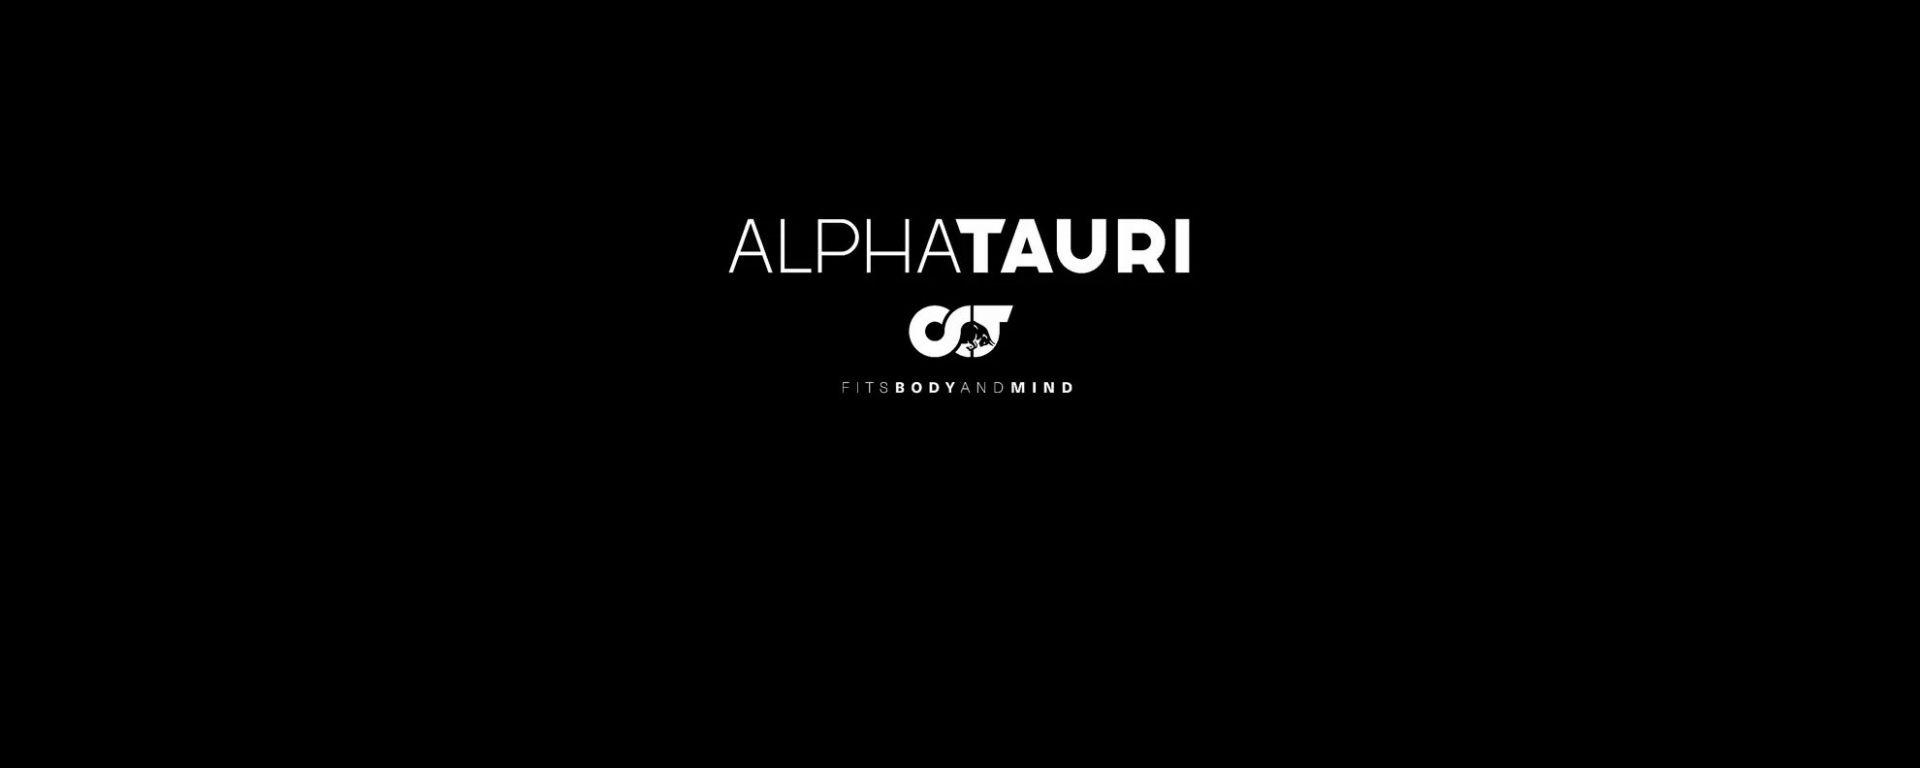 Alpha Tauri, la ex Toro Rosso sarà presentata il 14 febbraio